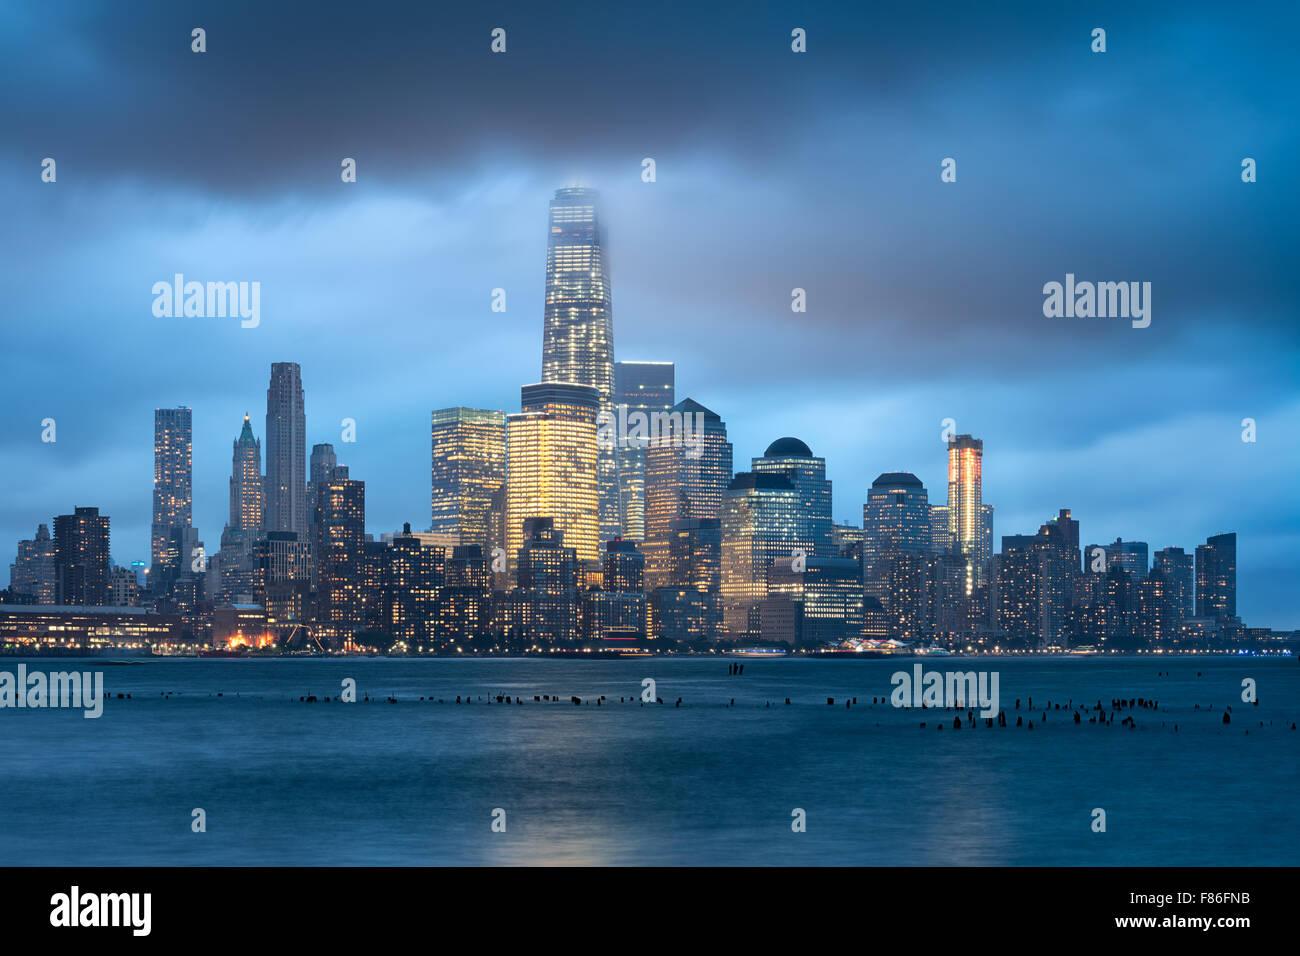 Lower Manhattan y el distrito financiero de rascacielos iluminados con nubes de tormenta, la ciudad de Nueva York. Imagen De Stock